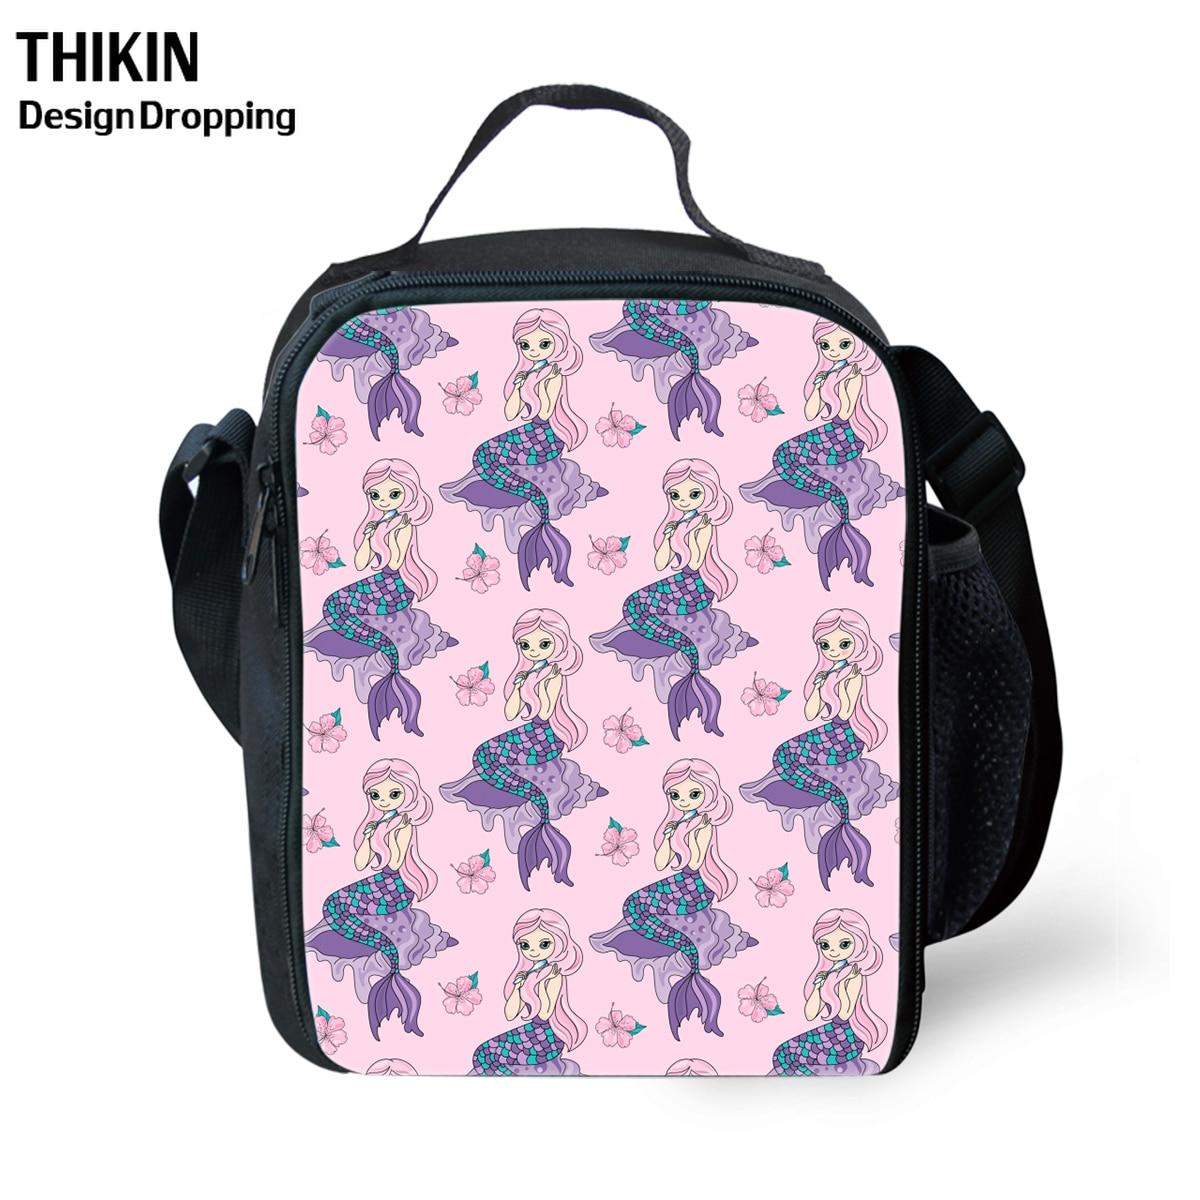 Bolsa de Almoço Crianças dos Desenhos Bolsas de Comida Thikin Meninas Bonito Coral Sereia Princesa Impressão Neoprene Animados Material Escolar Personalizado